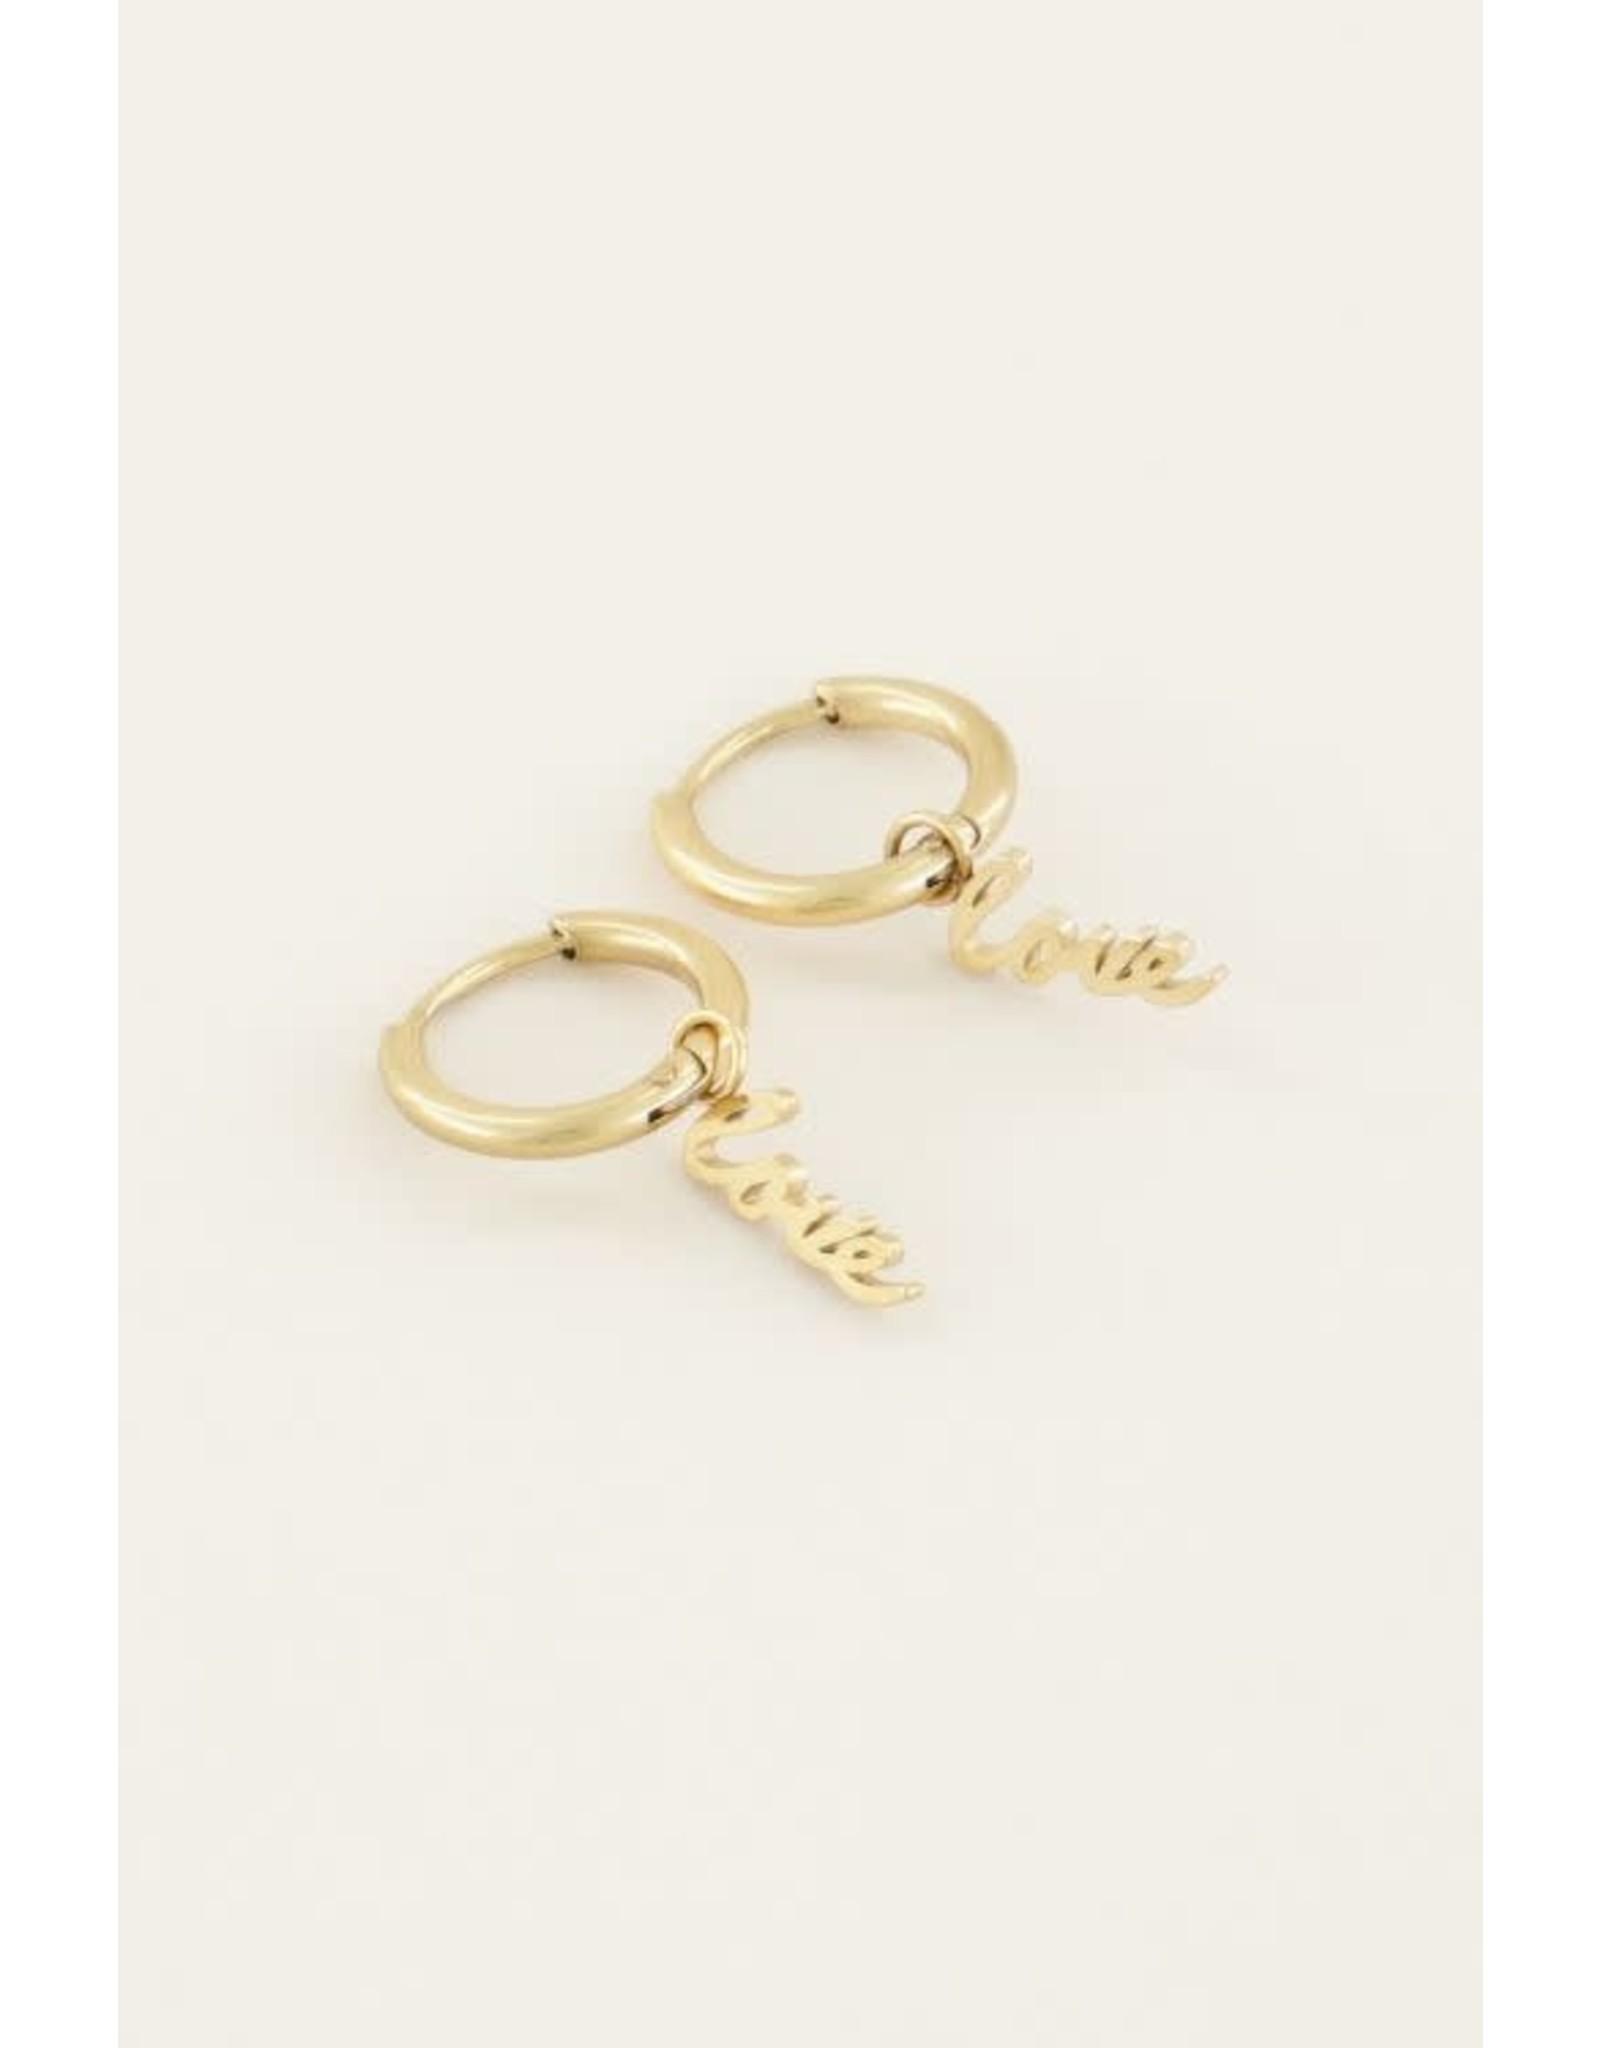 My Jewellery My Jewellery oorbellen Love